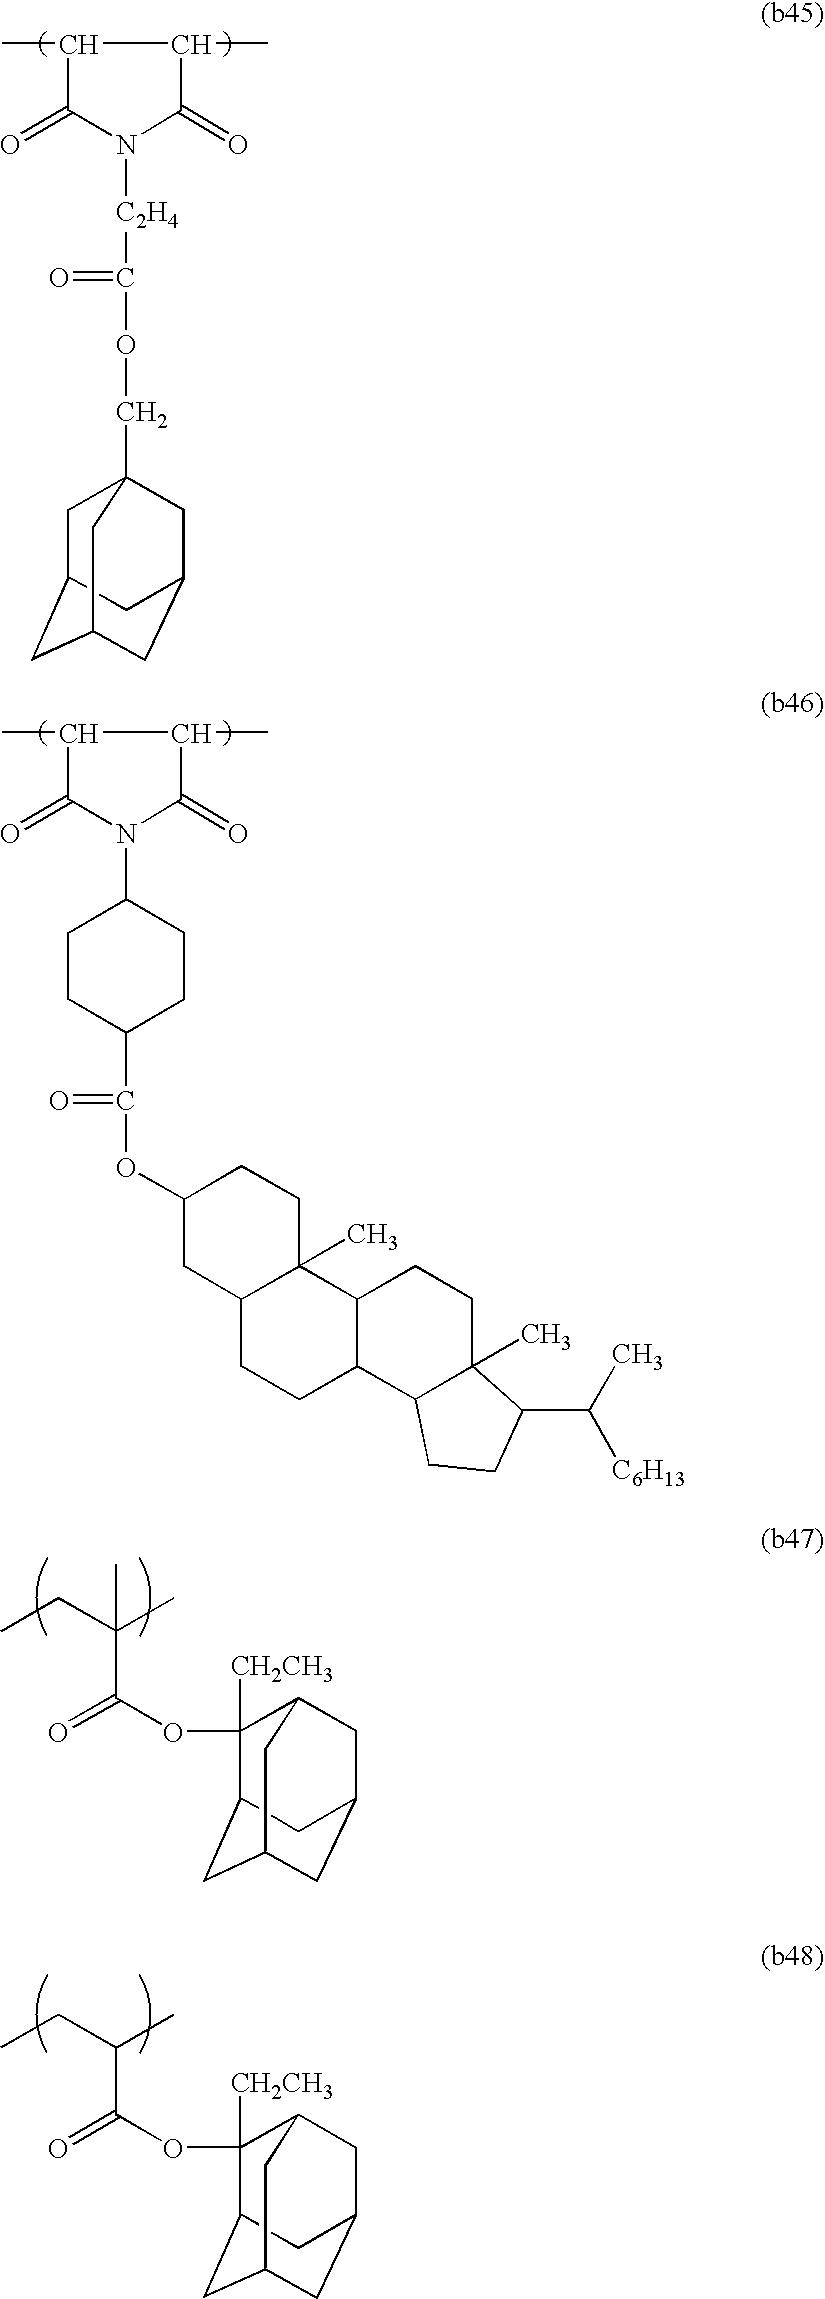 Figure US20070003871A1-20070104-C00073